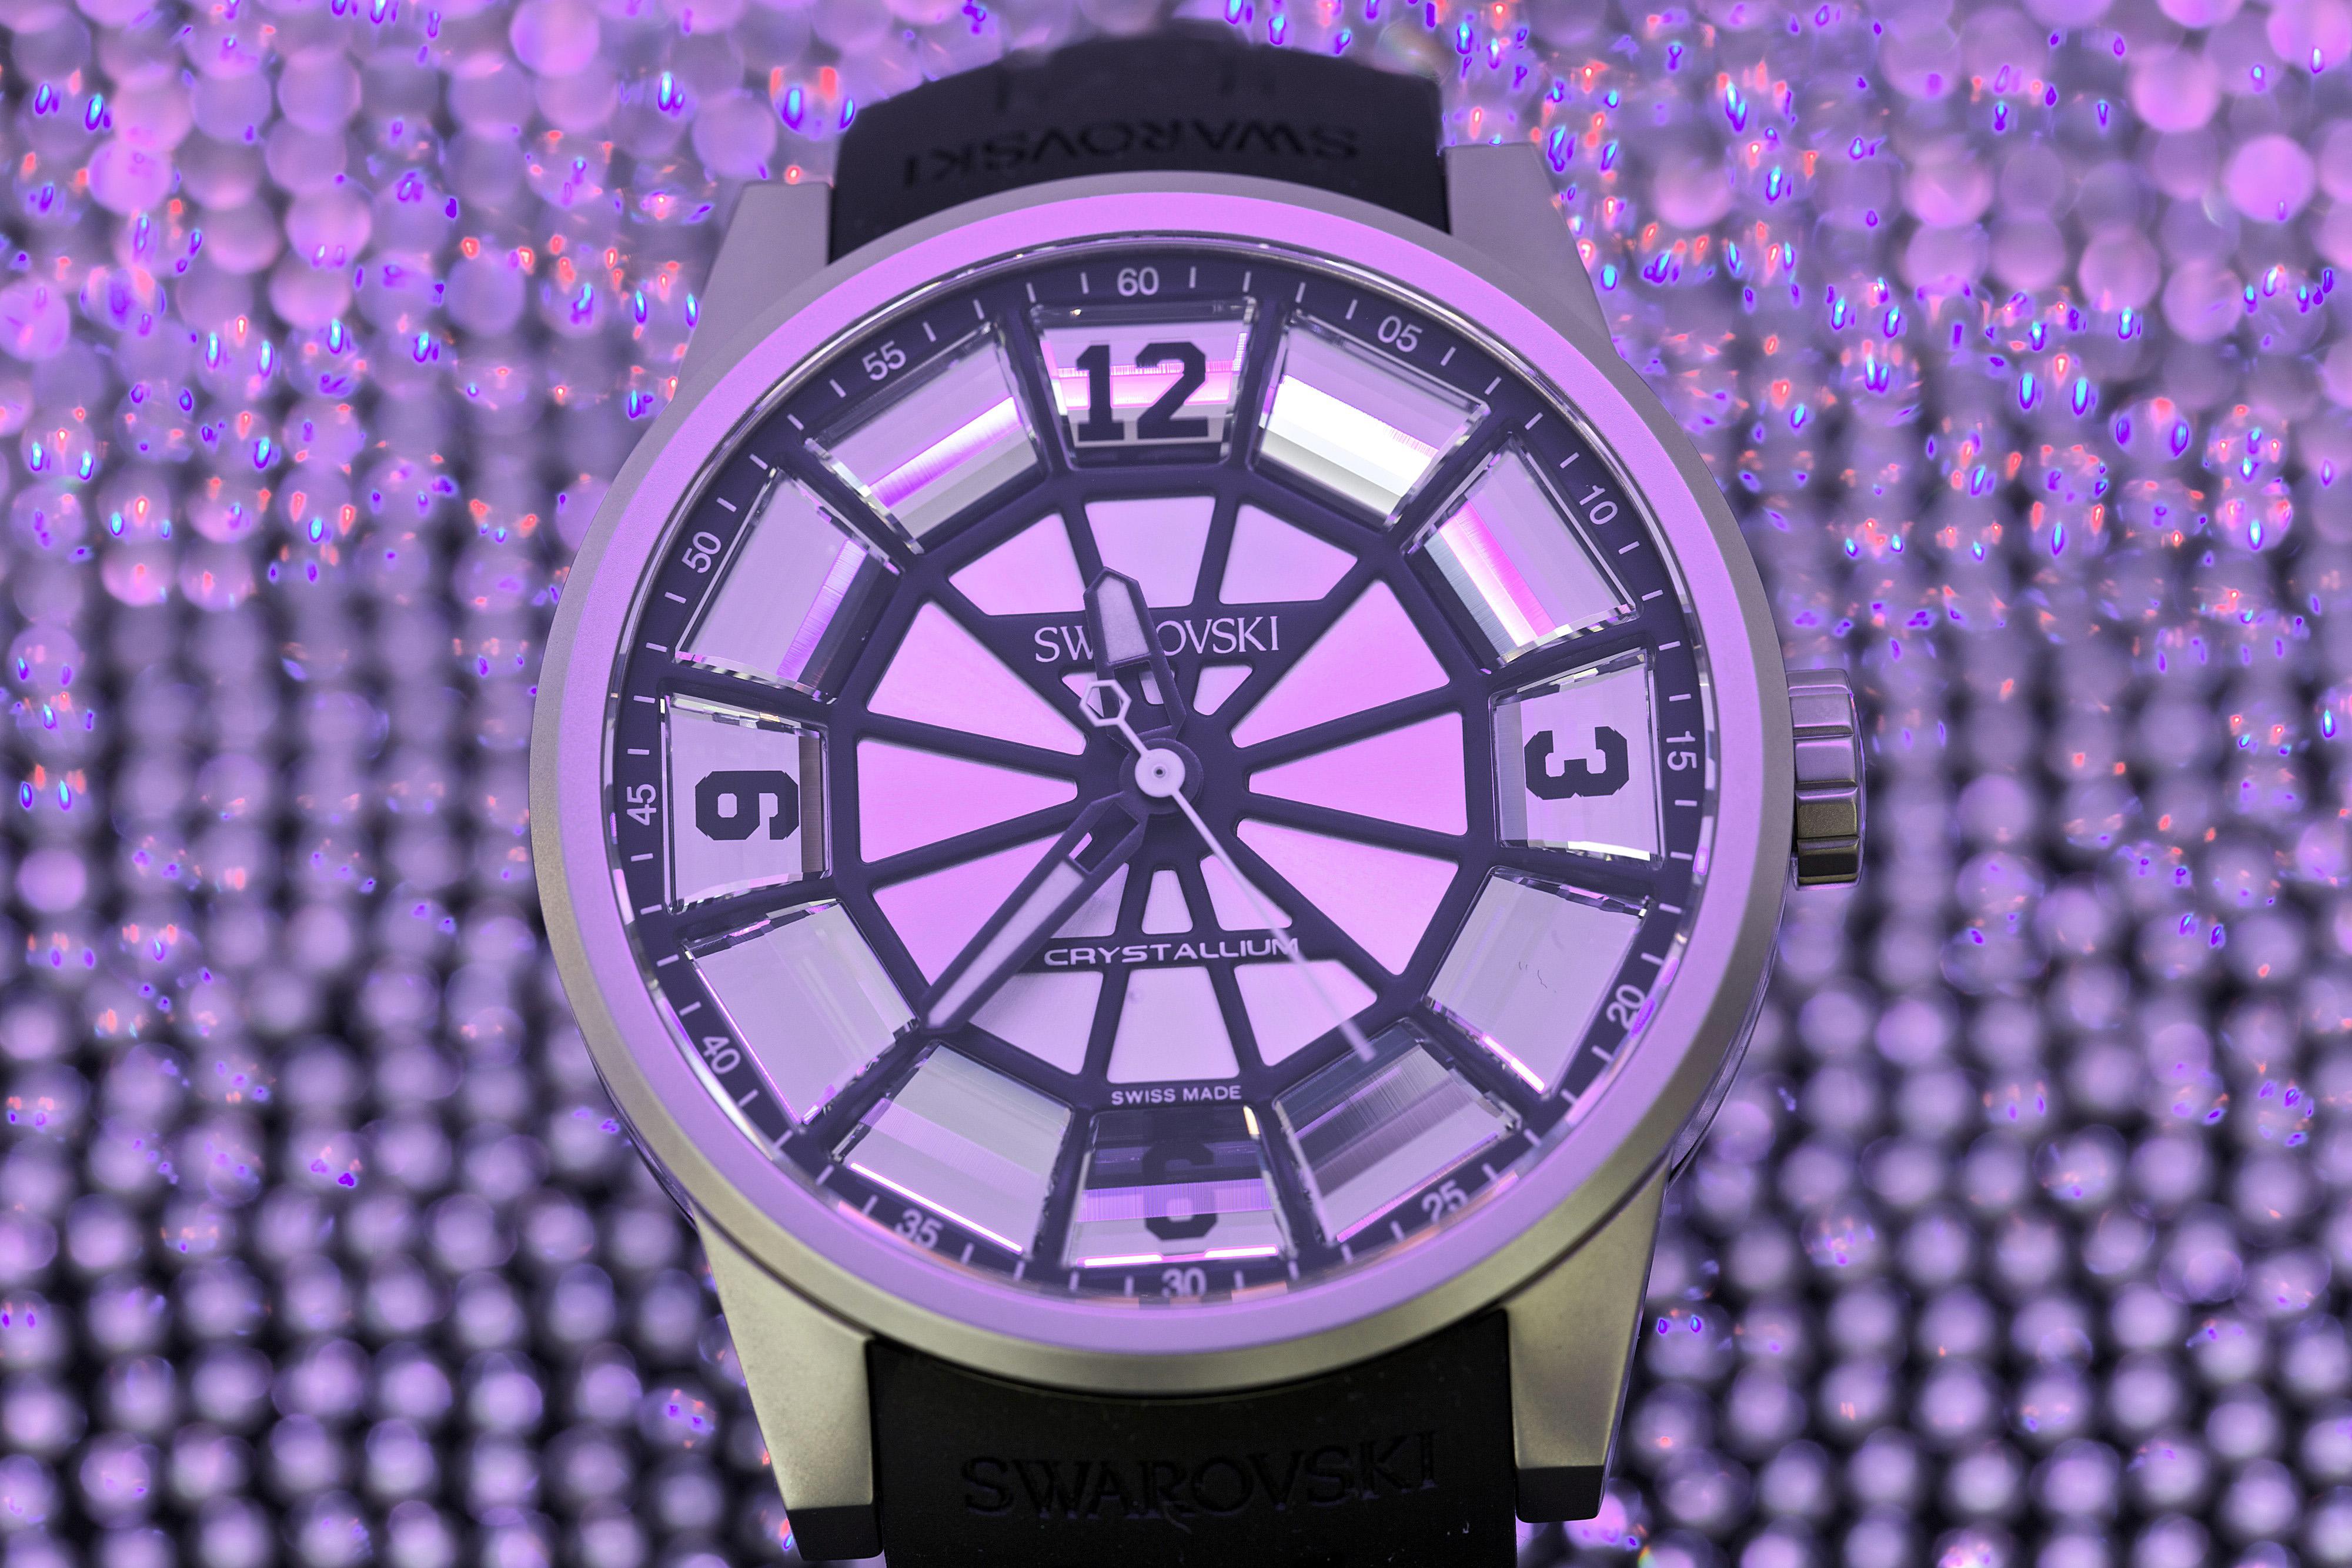 Baselworld Annual Watch Fair 2013